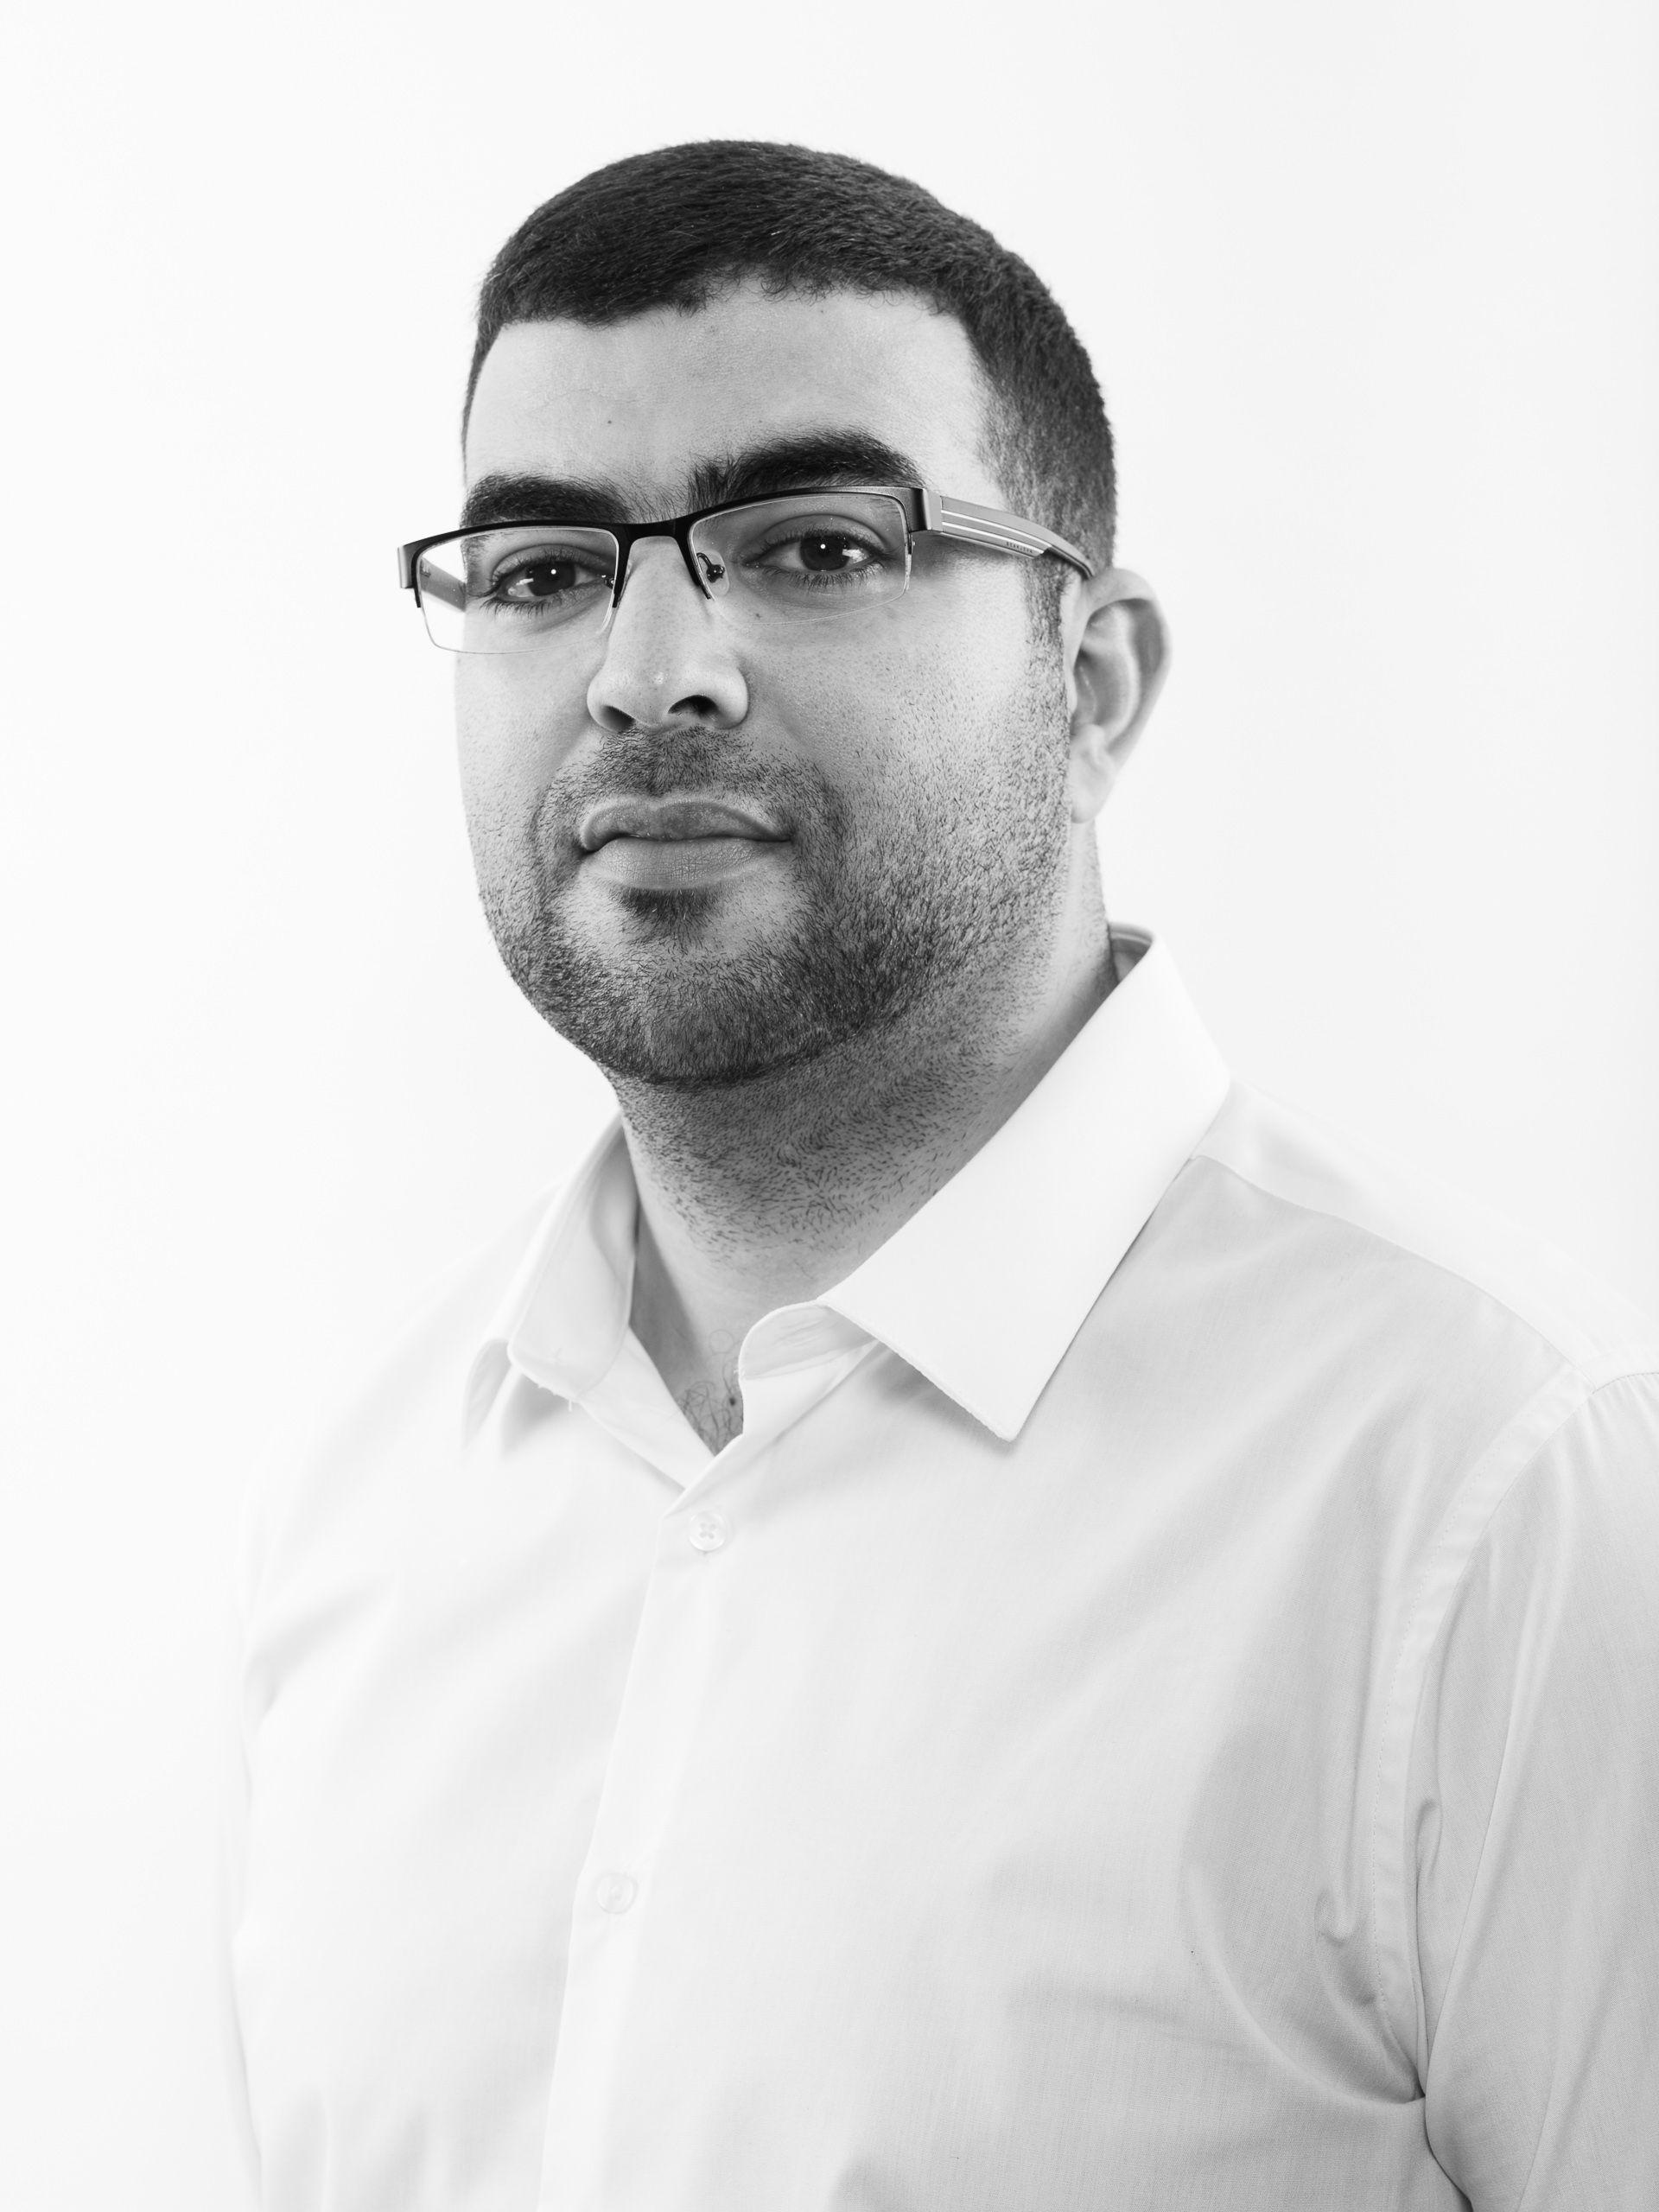 Atmane Bensghir